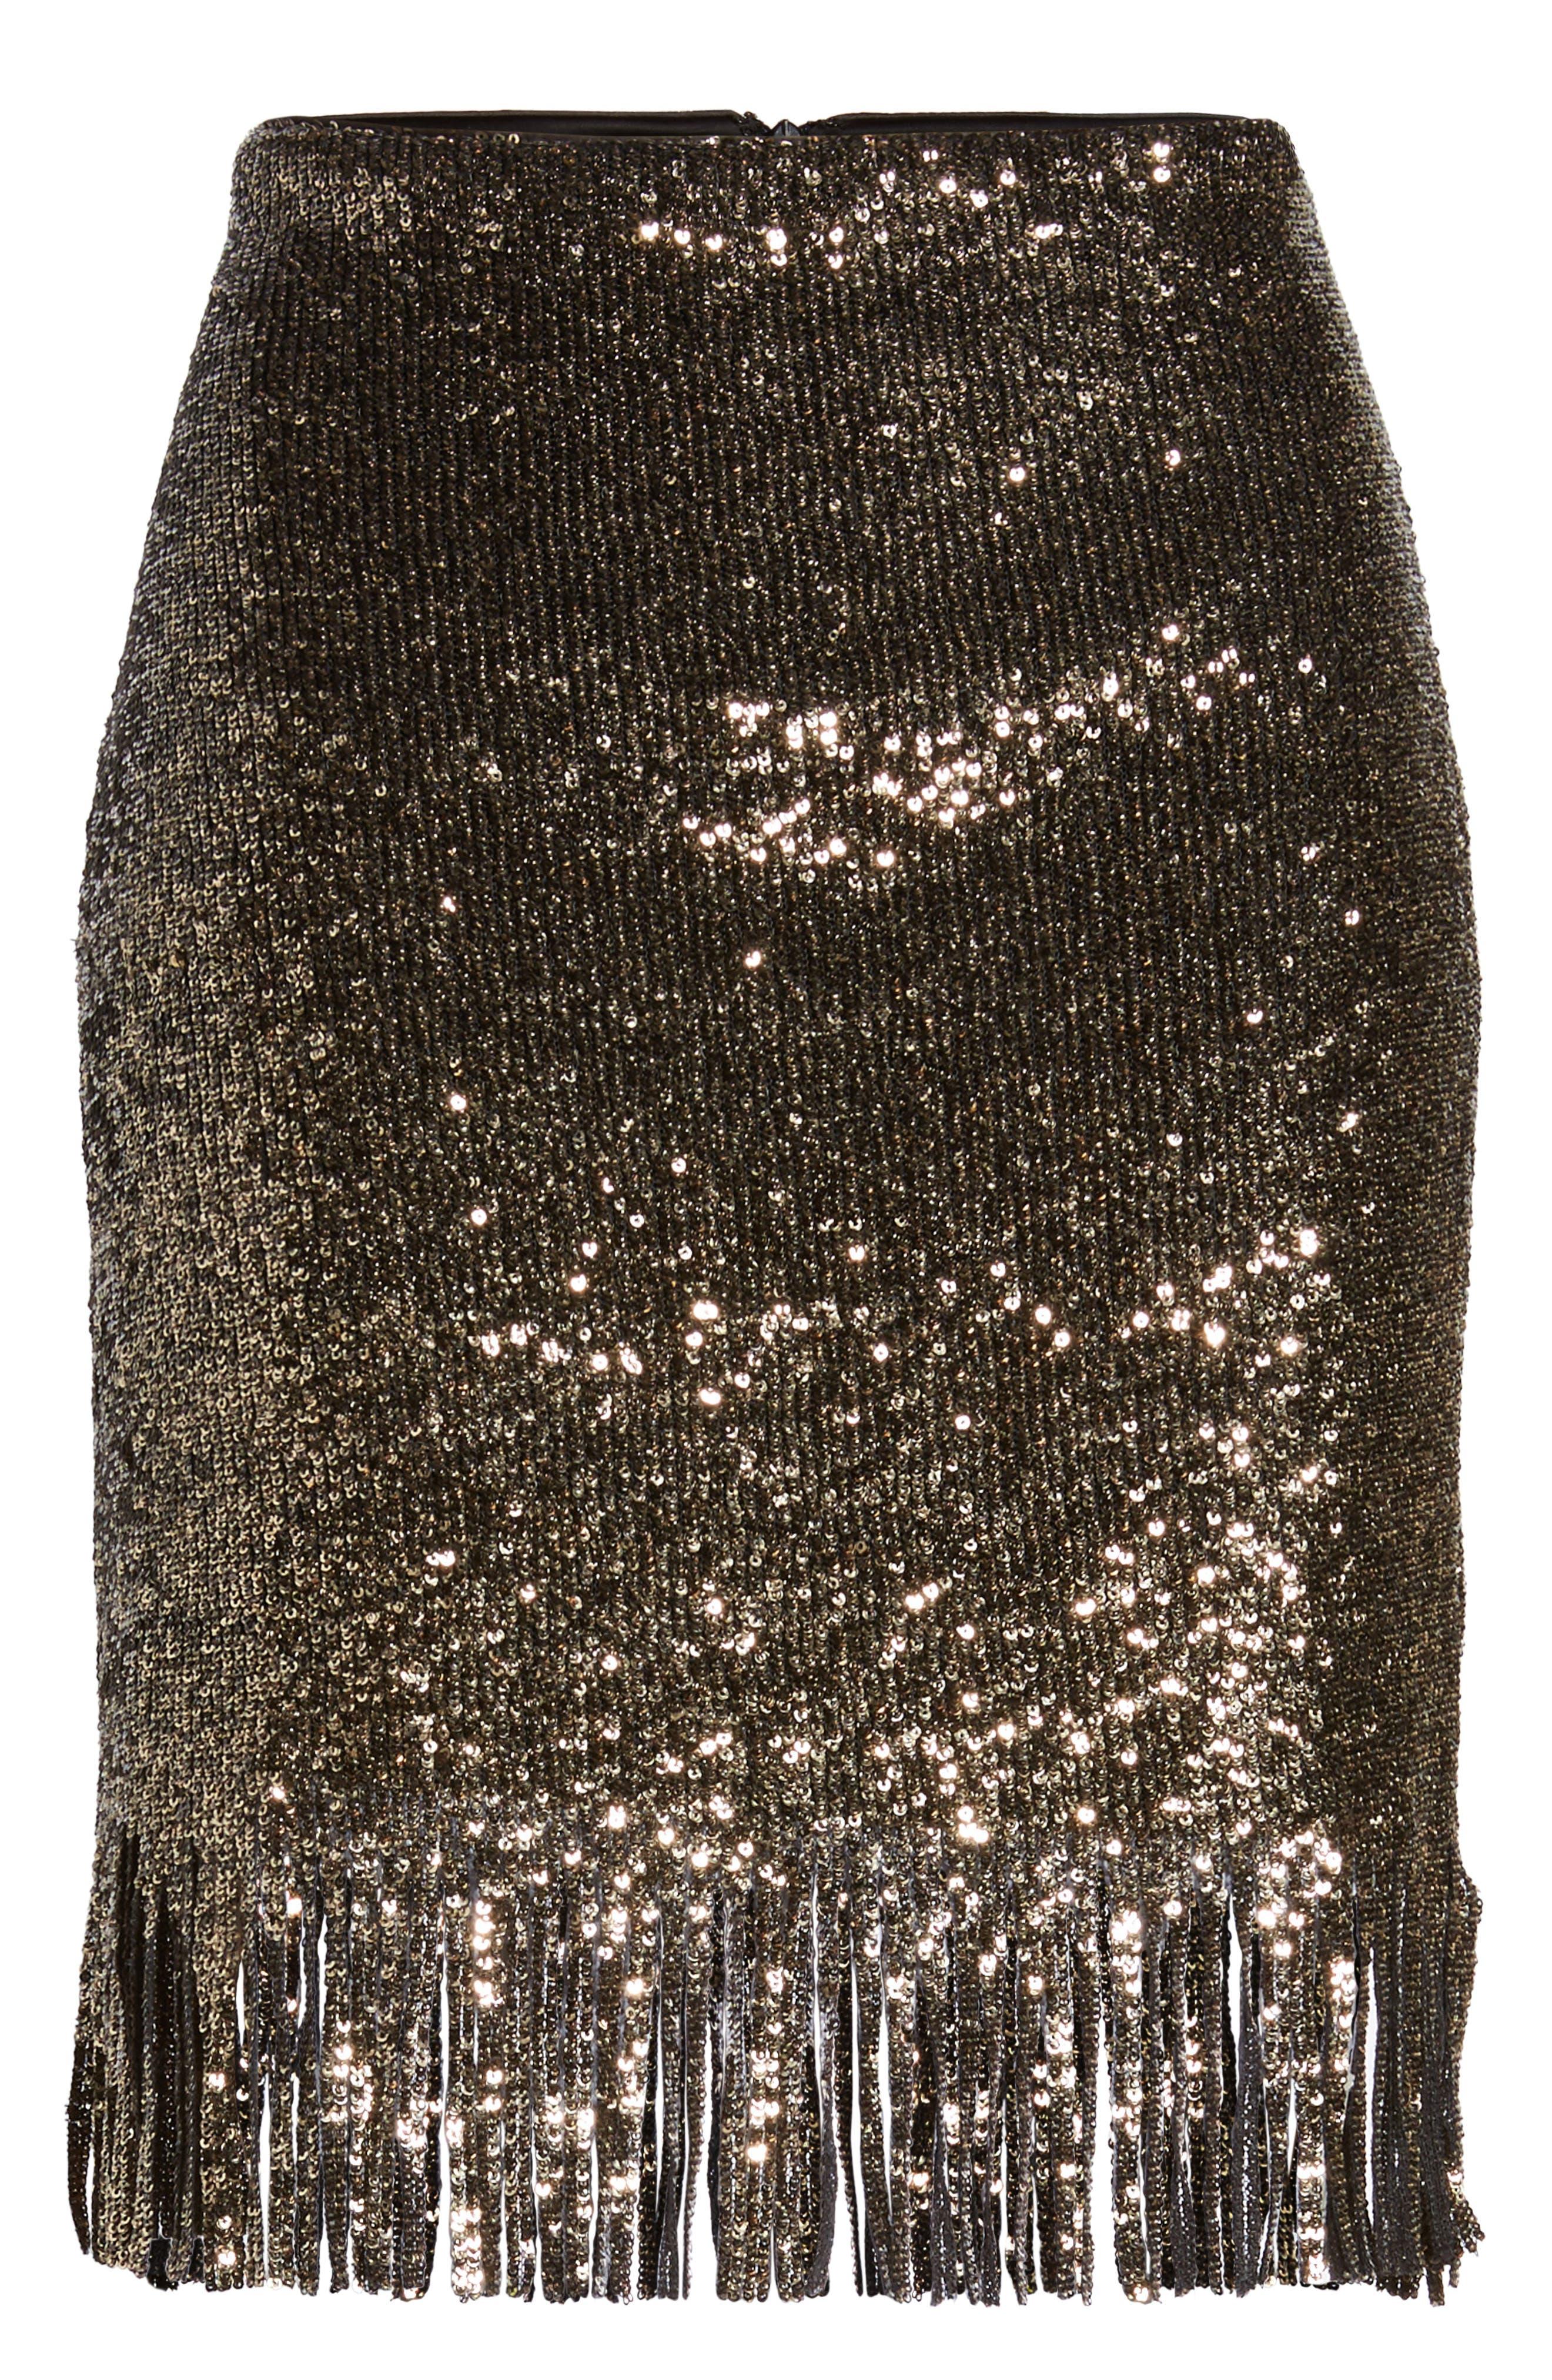 BARDOT,                             Sequin Fringe Skirt,                             Alternate thumbnail 6, color,                             710